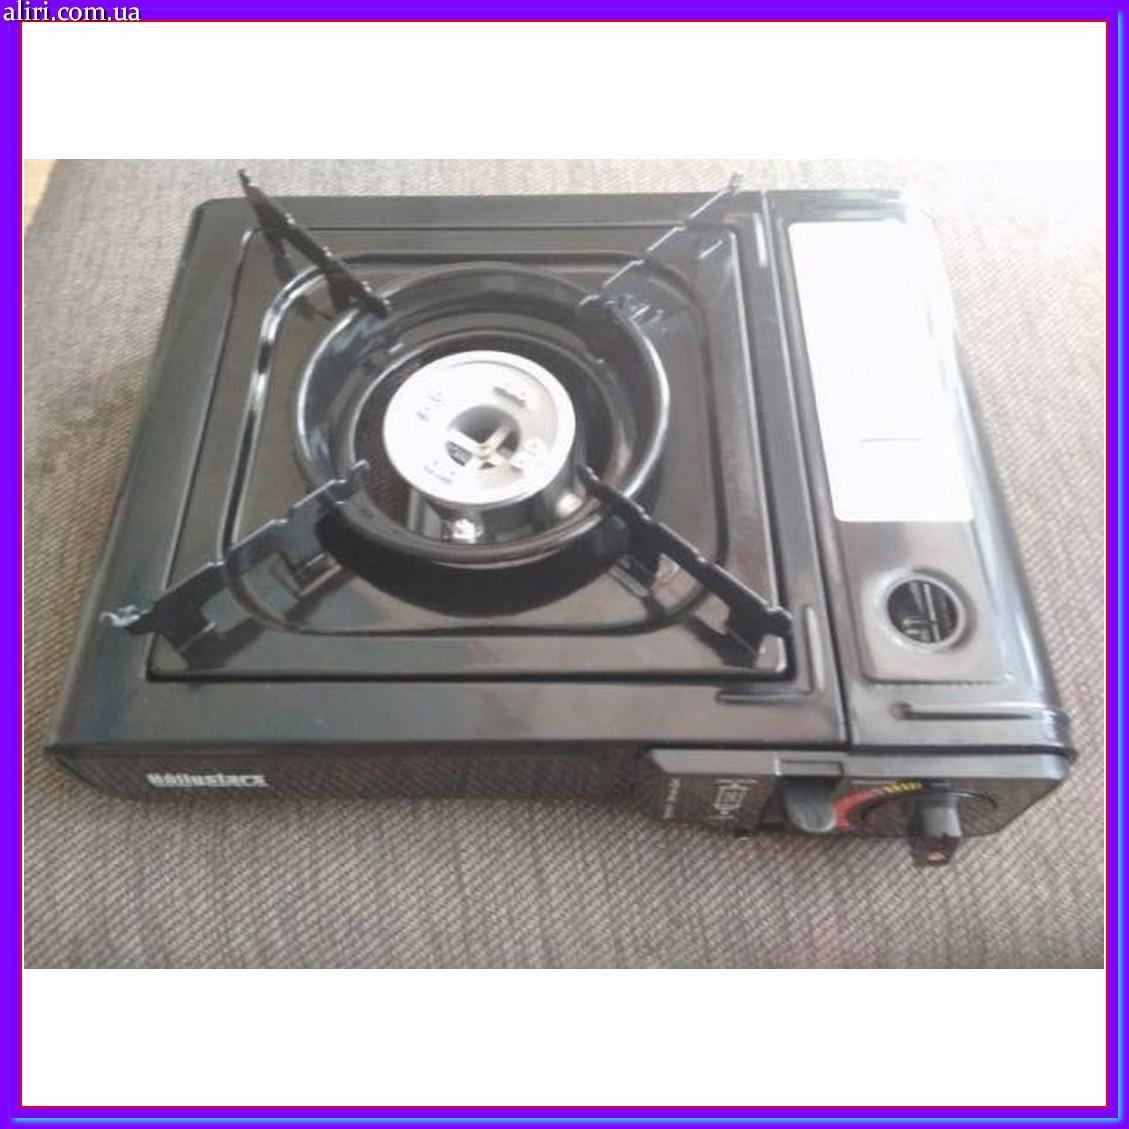 Портативная газовая плита двойного действия с адаптером в кейсе TIGER BSZ-188-A